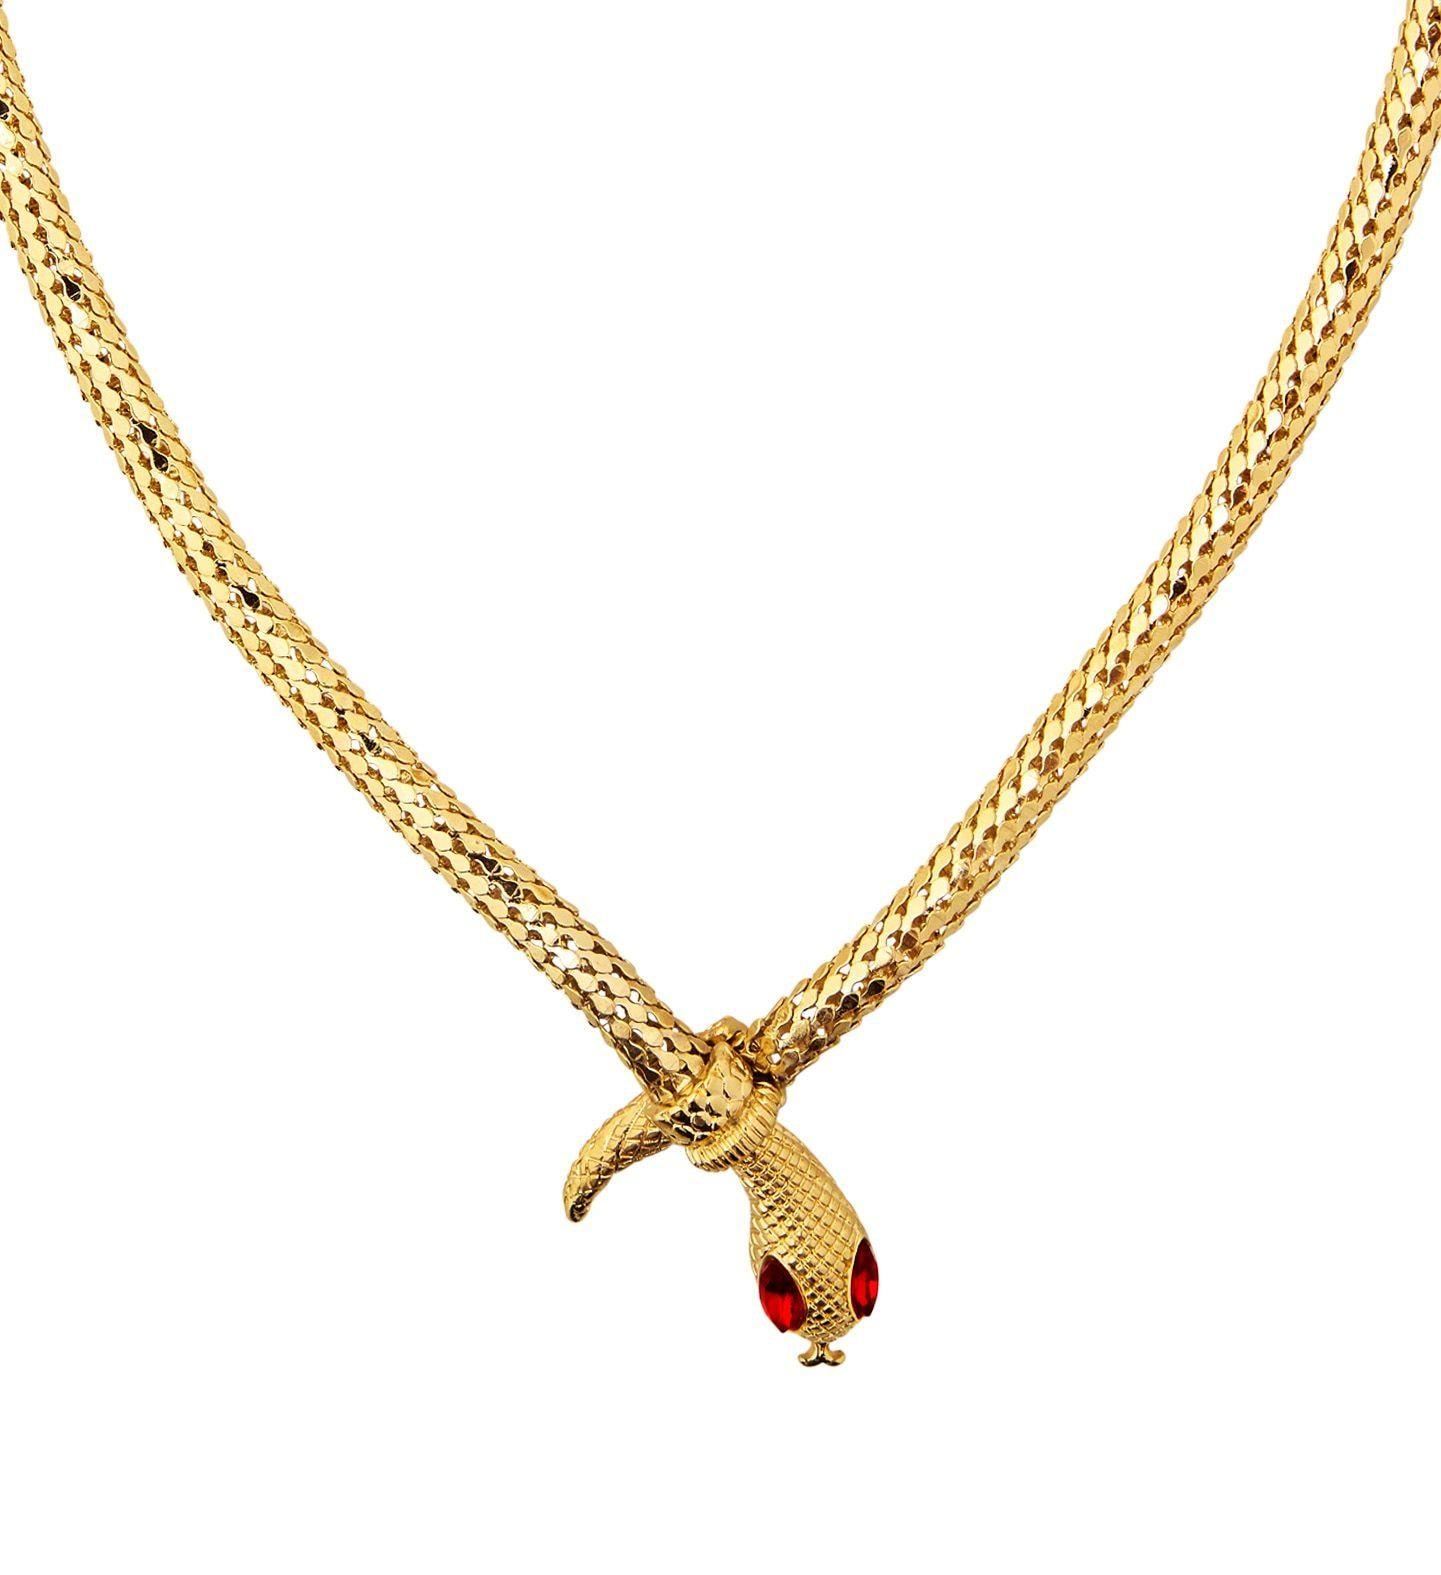 Gouden egyptische slangen ketting